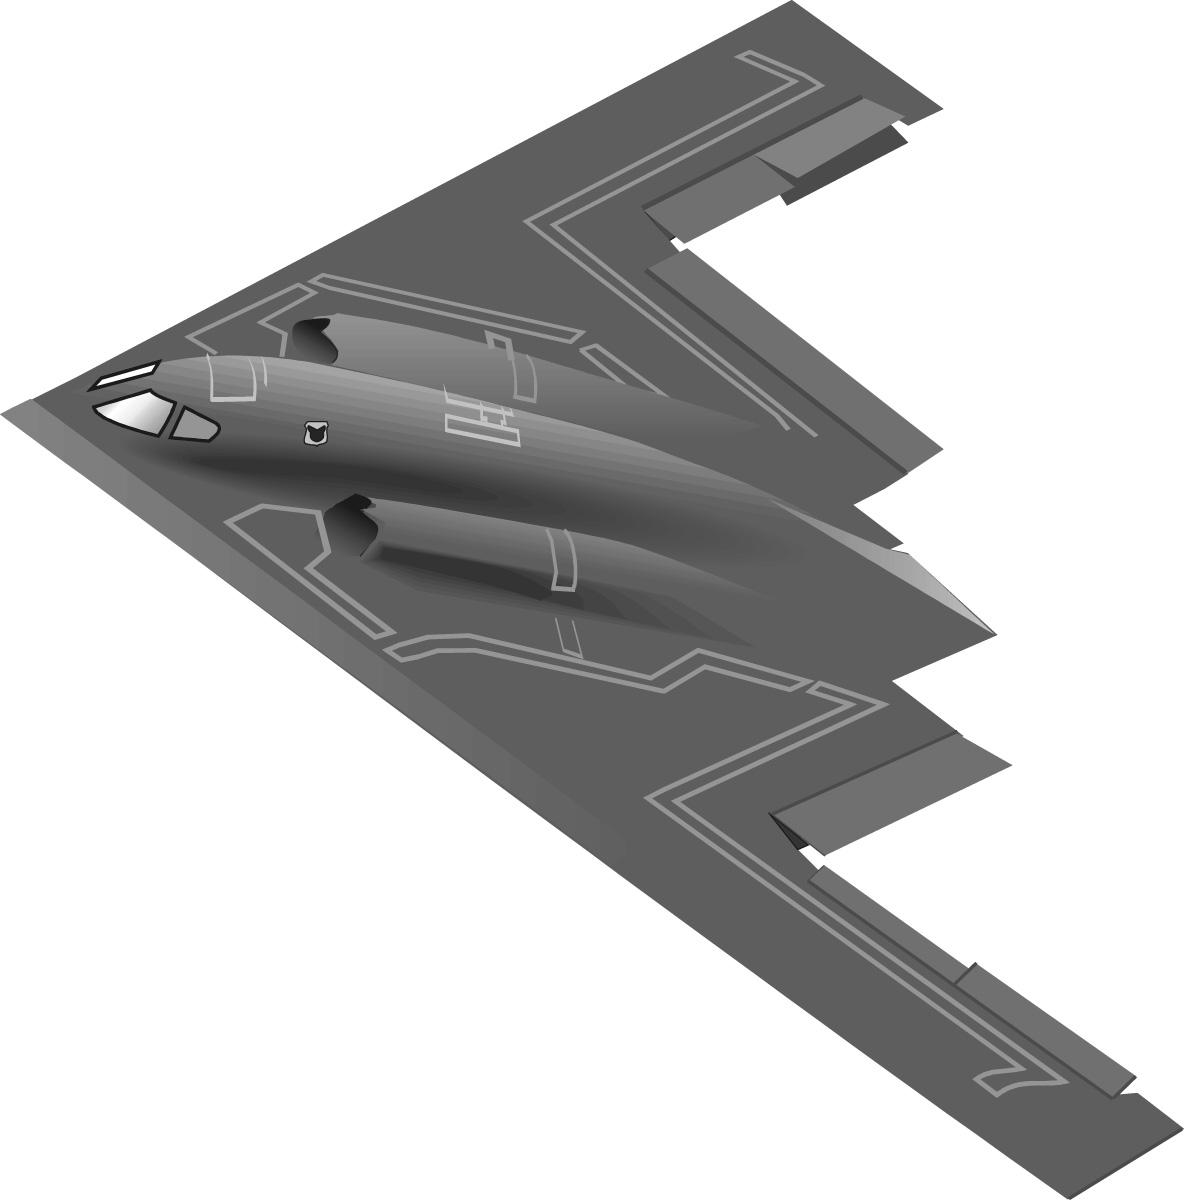 B2 Bomber Clip Art.